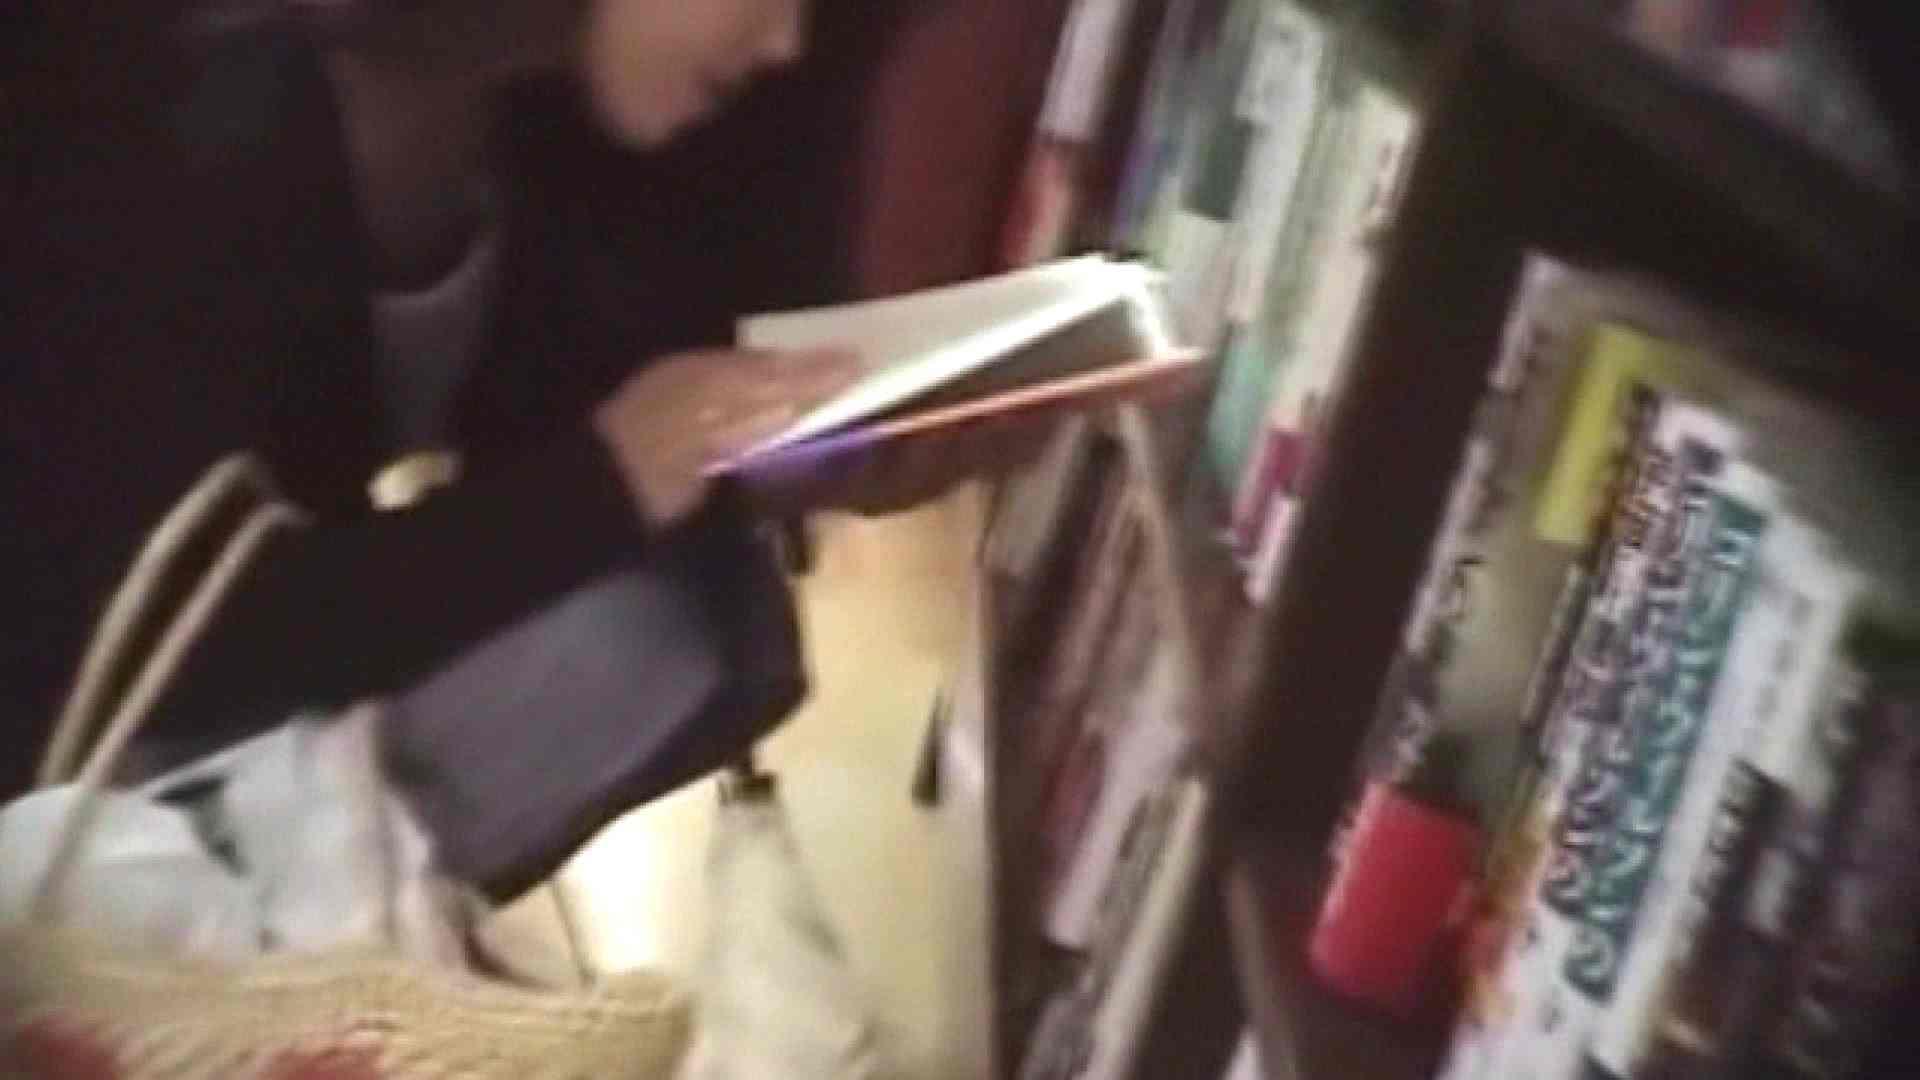 真剣に買い物中のgal達を上から下から狙います。vol.05 チラ系 オメコ動画キャプチャ 48pic 16